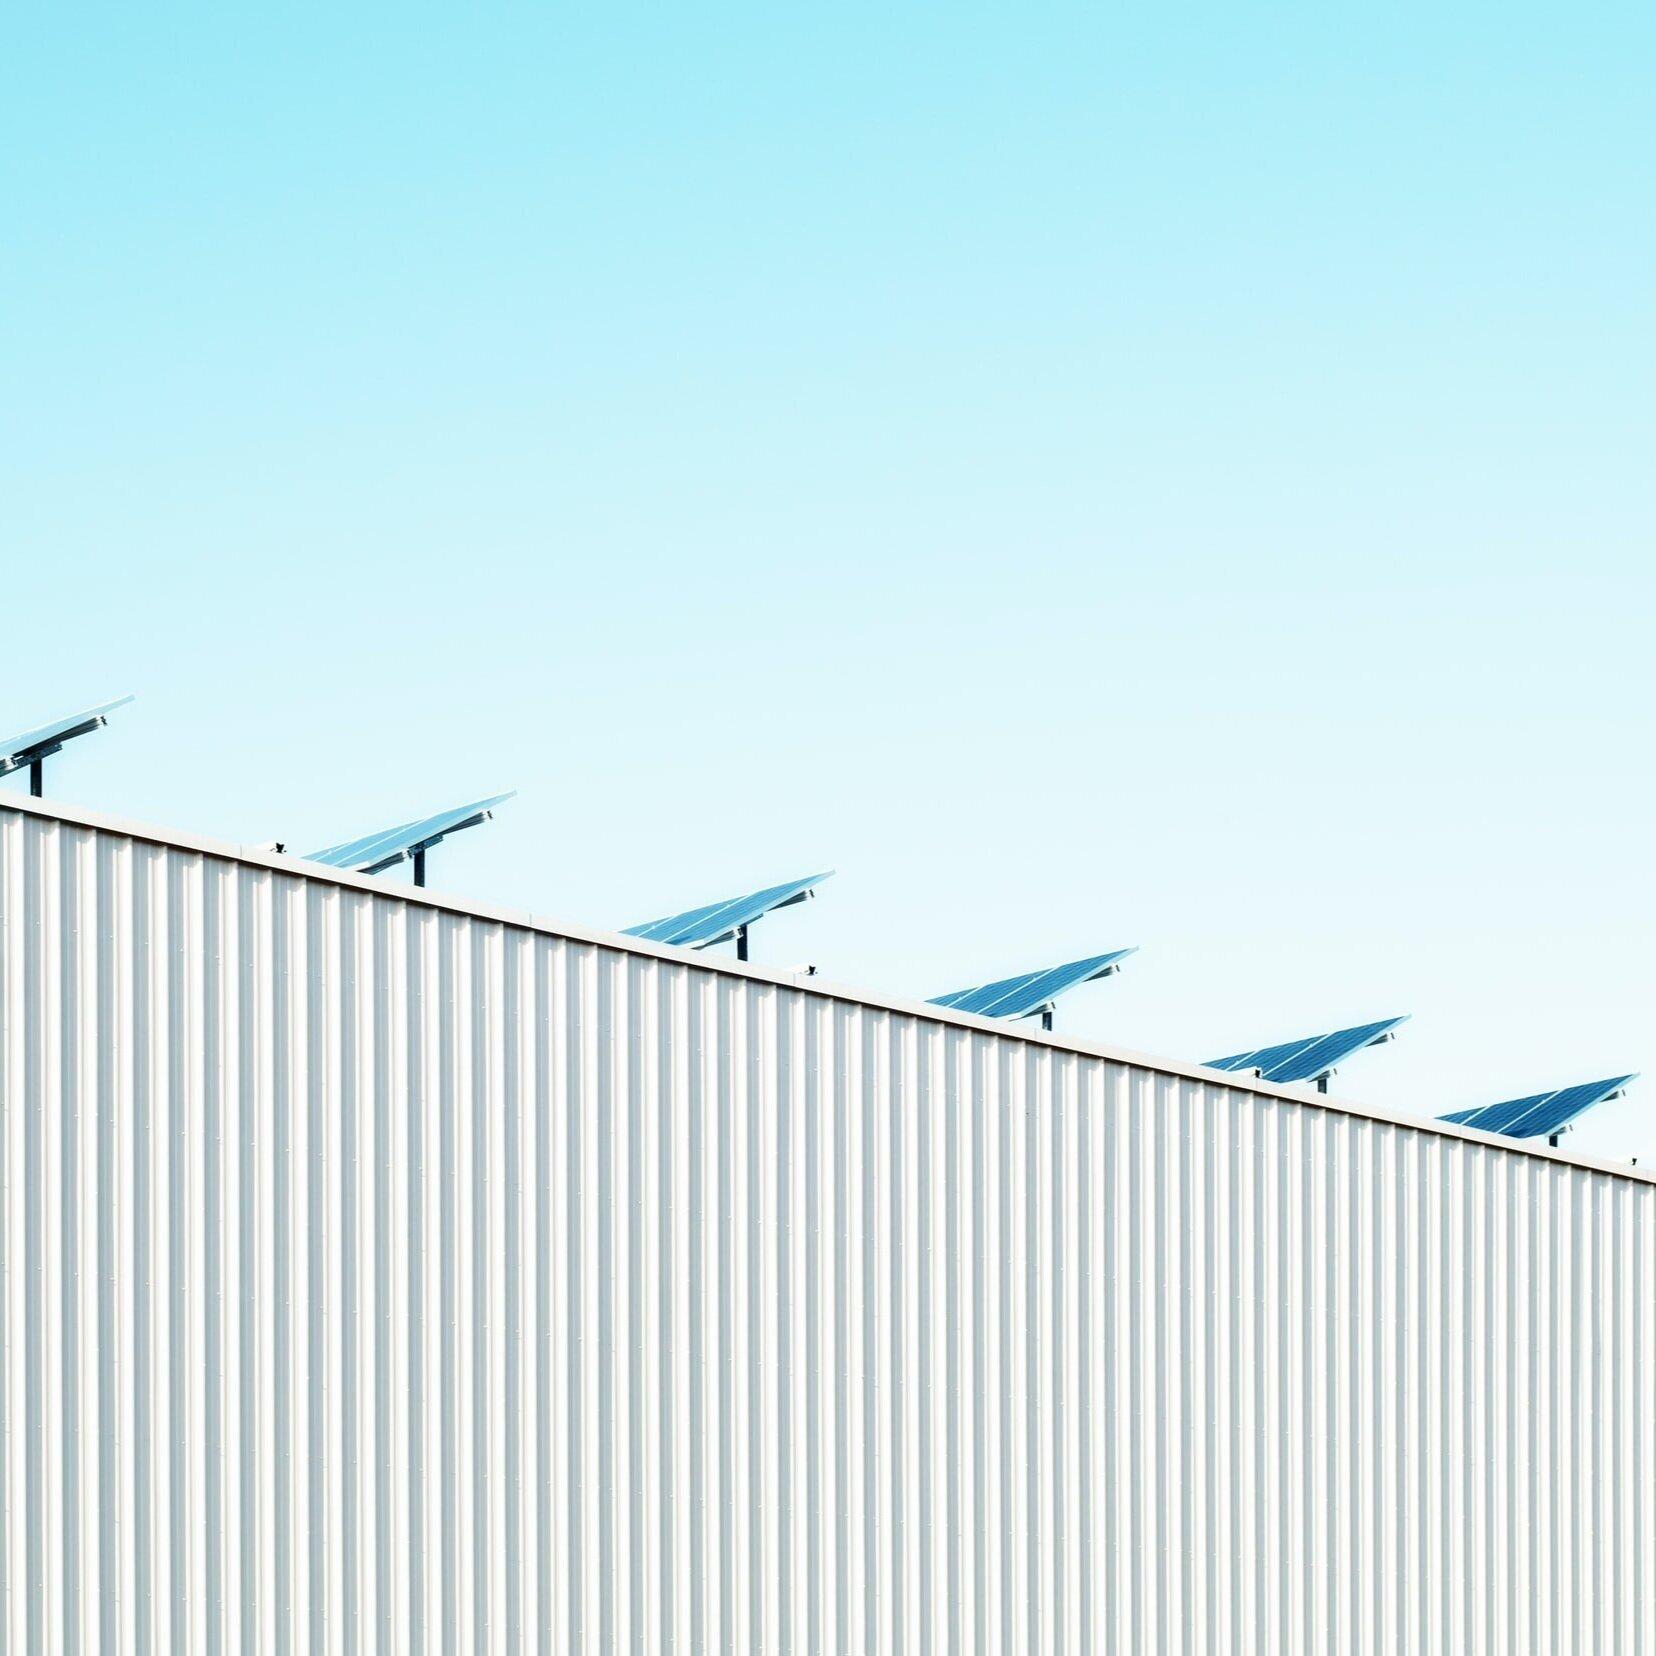 -社区融资计划(进行中)一项5亿美元的易倍体育app下载商业地产(PACE)融资计划将为提高能源效率的各组成部分提供资金, 现场可再生能源, 提高用水效率.这是投资亚特兰大和亚特兰大市弹性市长办公室的联合倡议.更多信息将在获得融资后发布.